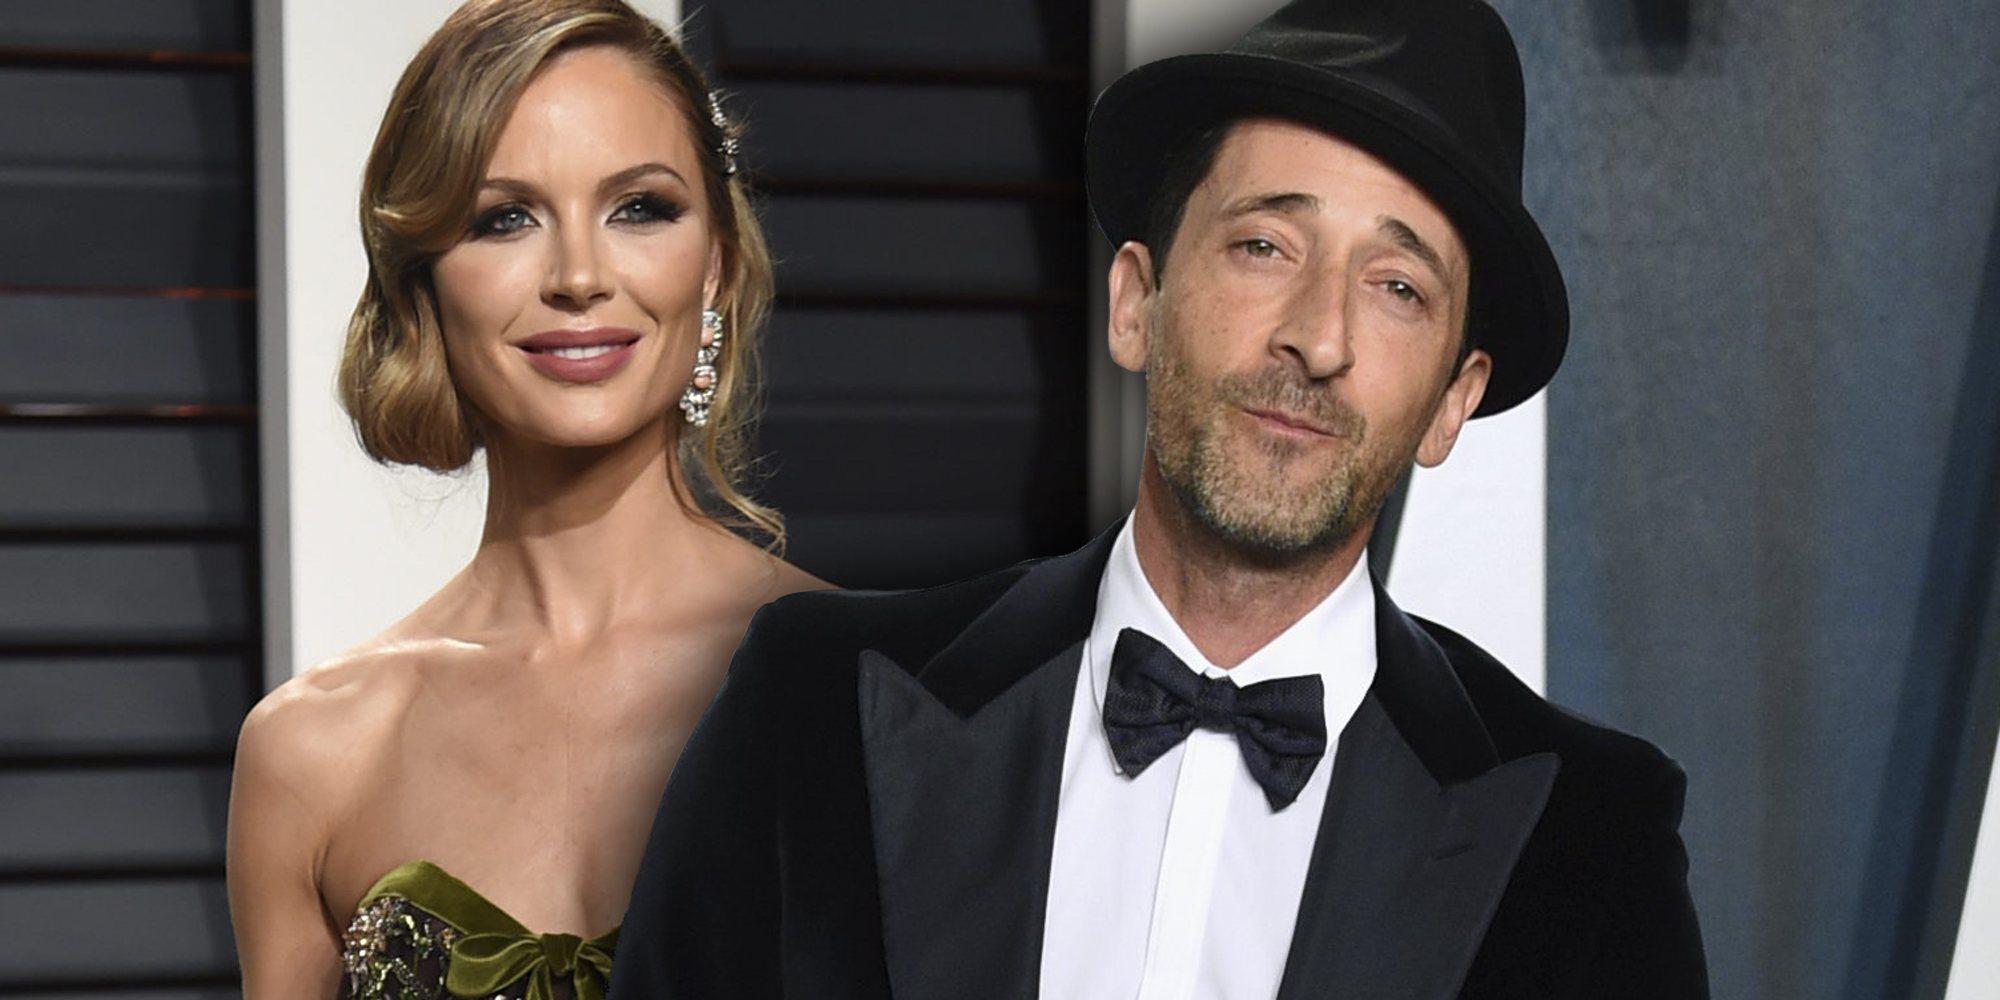 Georgina Chapman, exmujer de Harvey Weinstein, tiene nueva pareja: el actor Adrien Brody